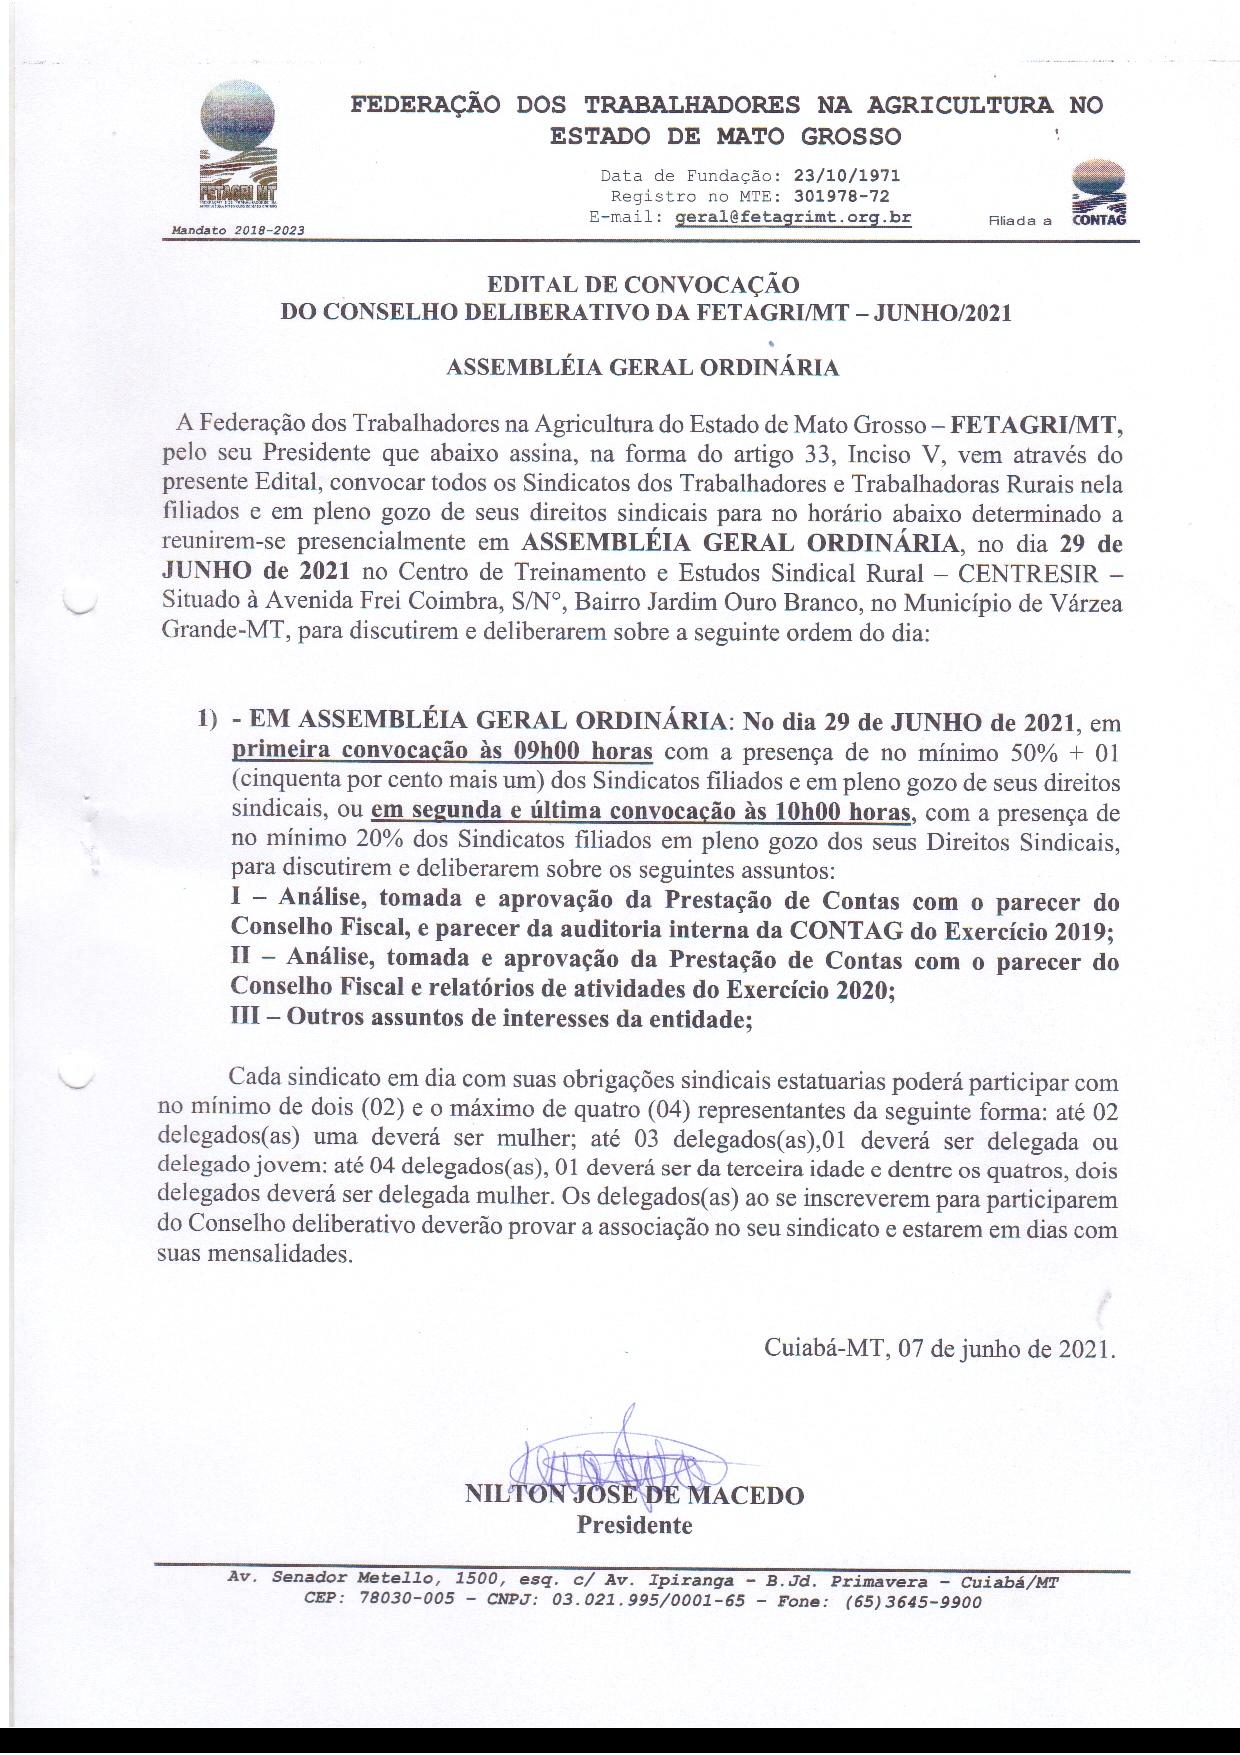 EDITAL DE CONVOCAÇÃO - ASSEMBLÉIA GERAL ORDINÁRIA FETAGRI-MT - JUNHO 2021